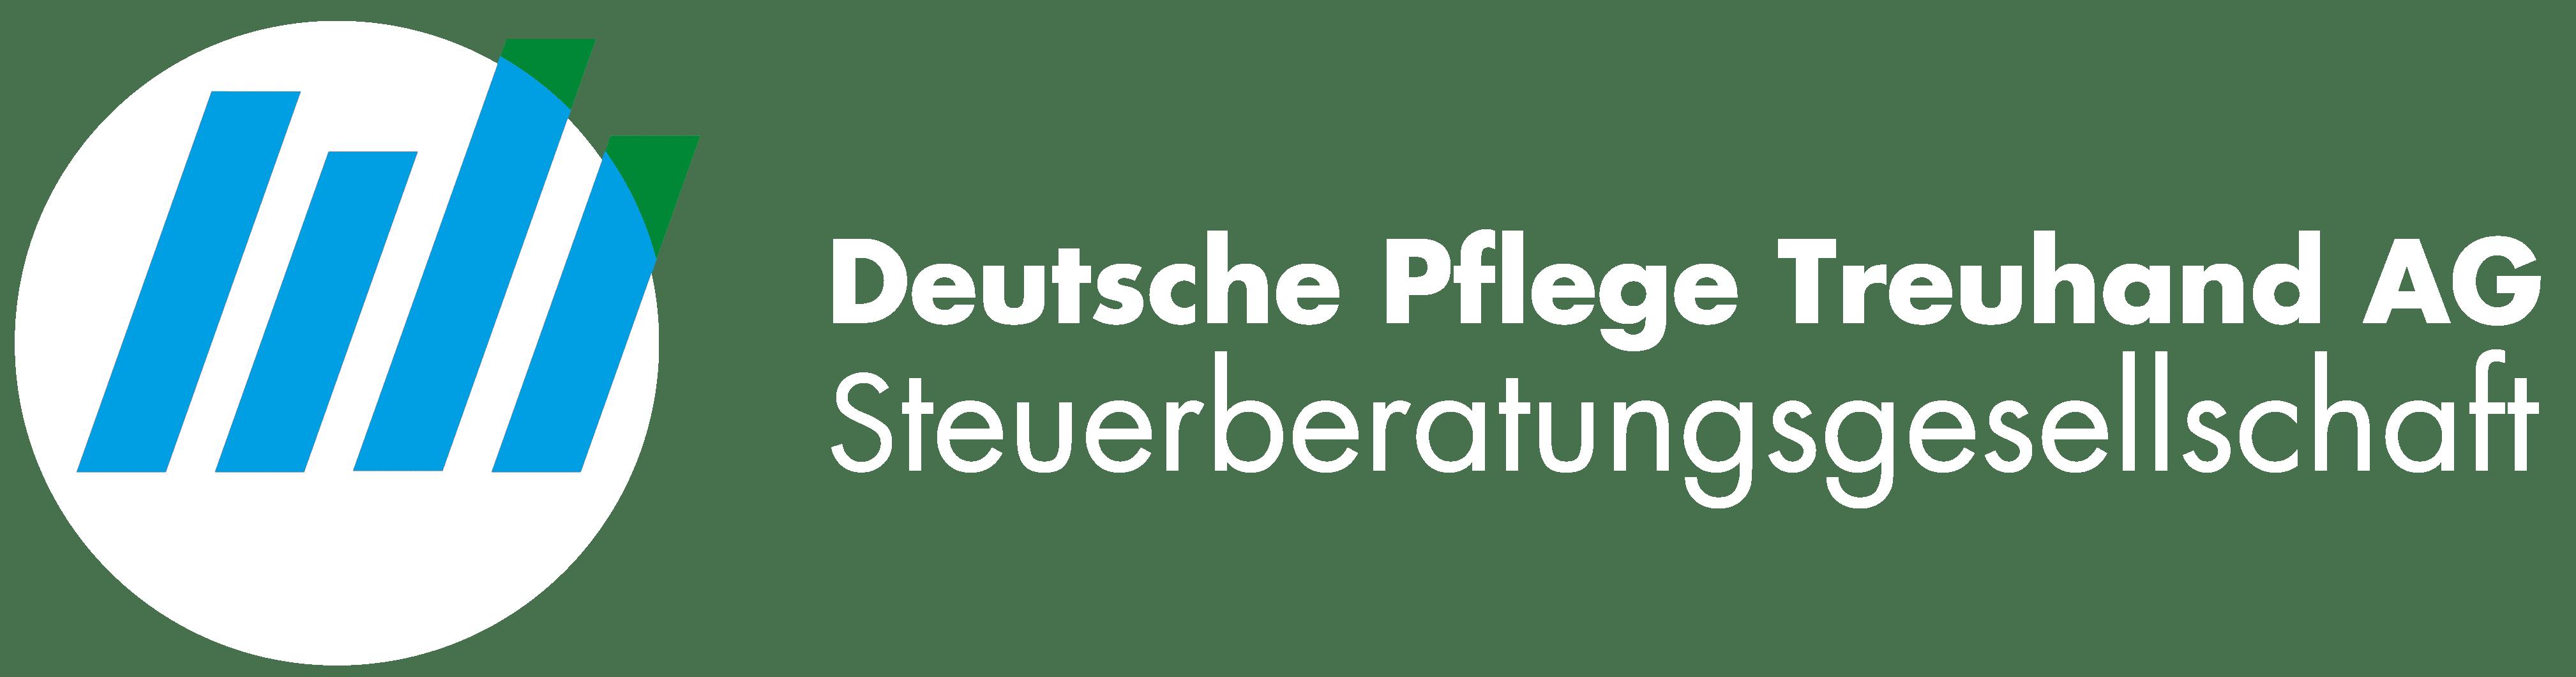 Steuerberatung für Pflegeeinrichtungen – Deutsche Pflege Treuhand AG